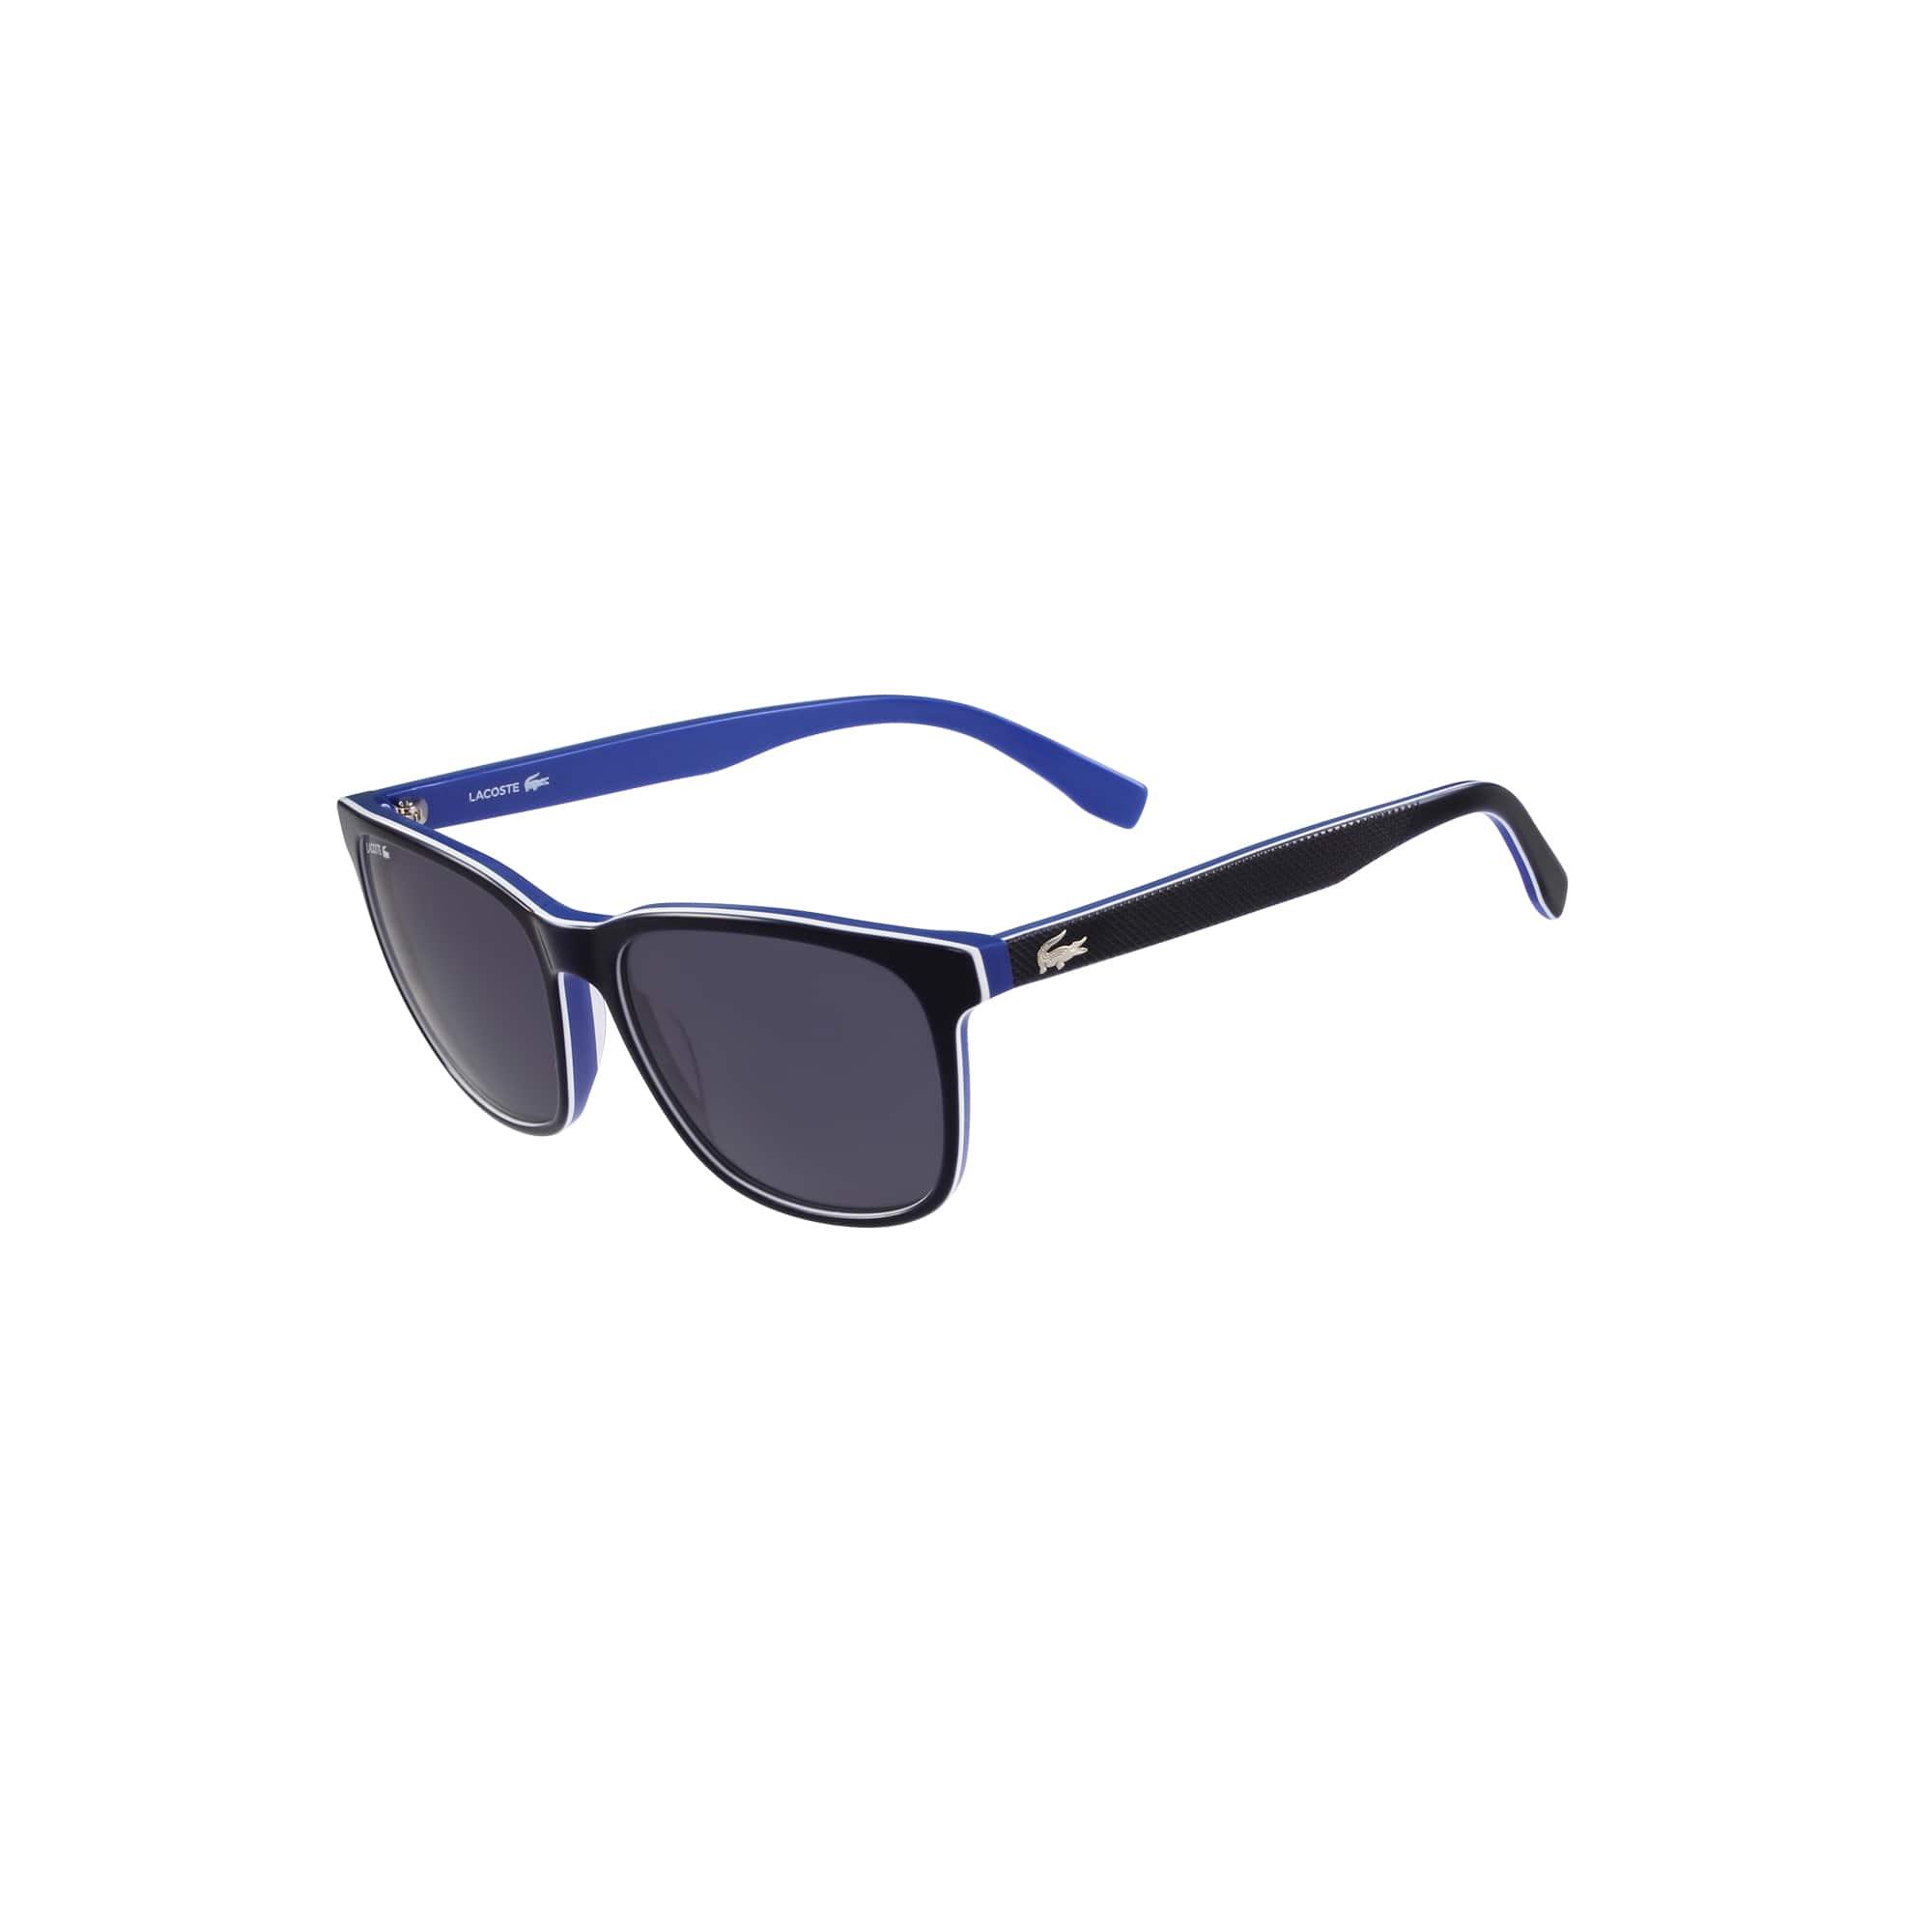 639172aeca59 Unisex Multilayer Piqué Sunglasses